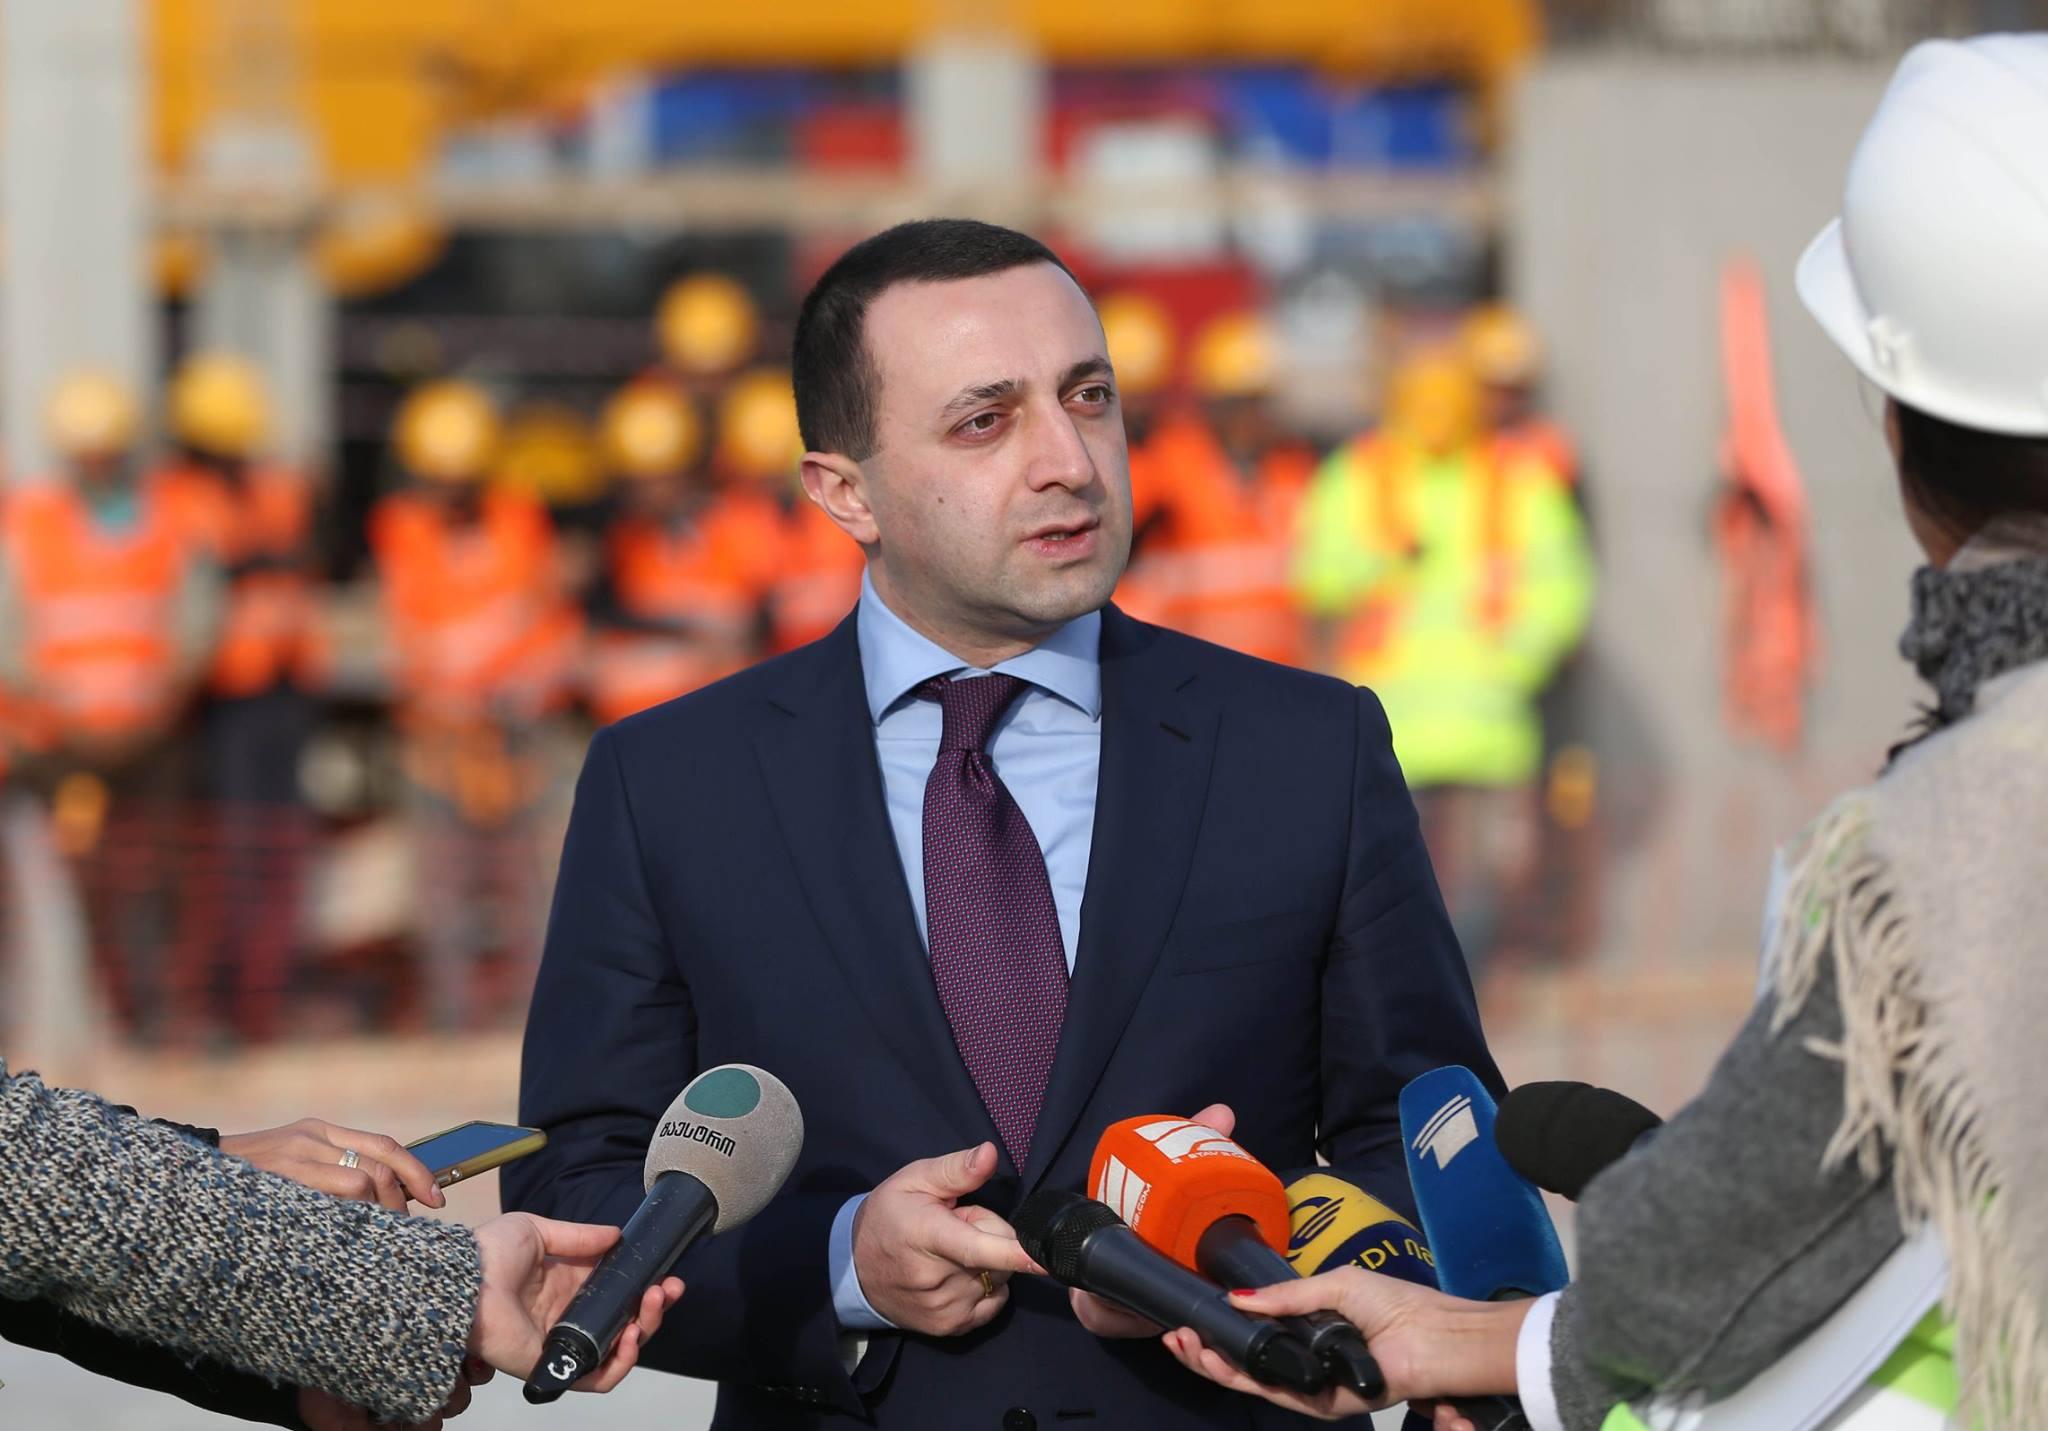 Irakly Gharibashvili 2 #новости задержание Ники Мелия, Ираклий Гарибашвили, кризис Мечты, Премьер-министр Грузии